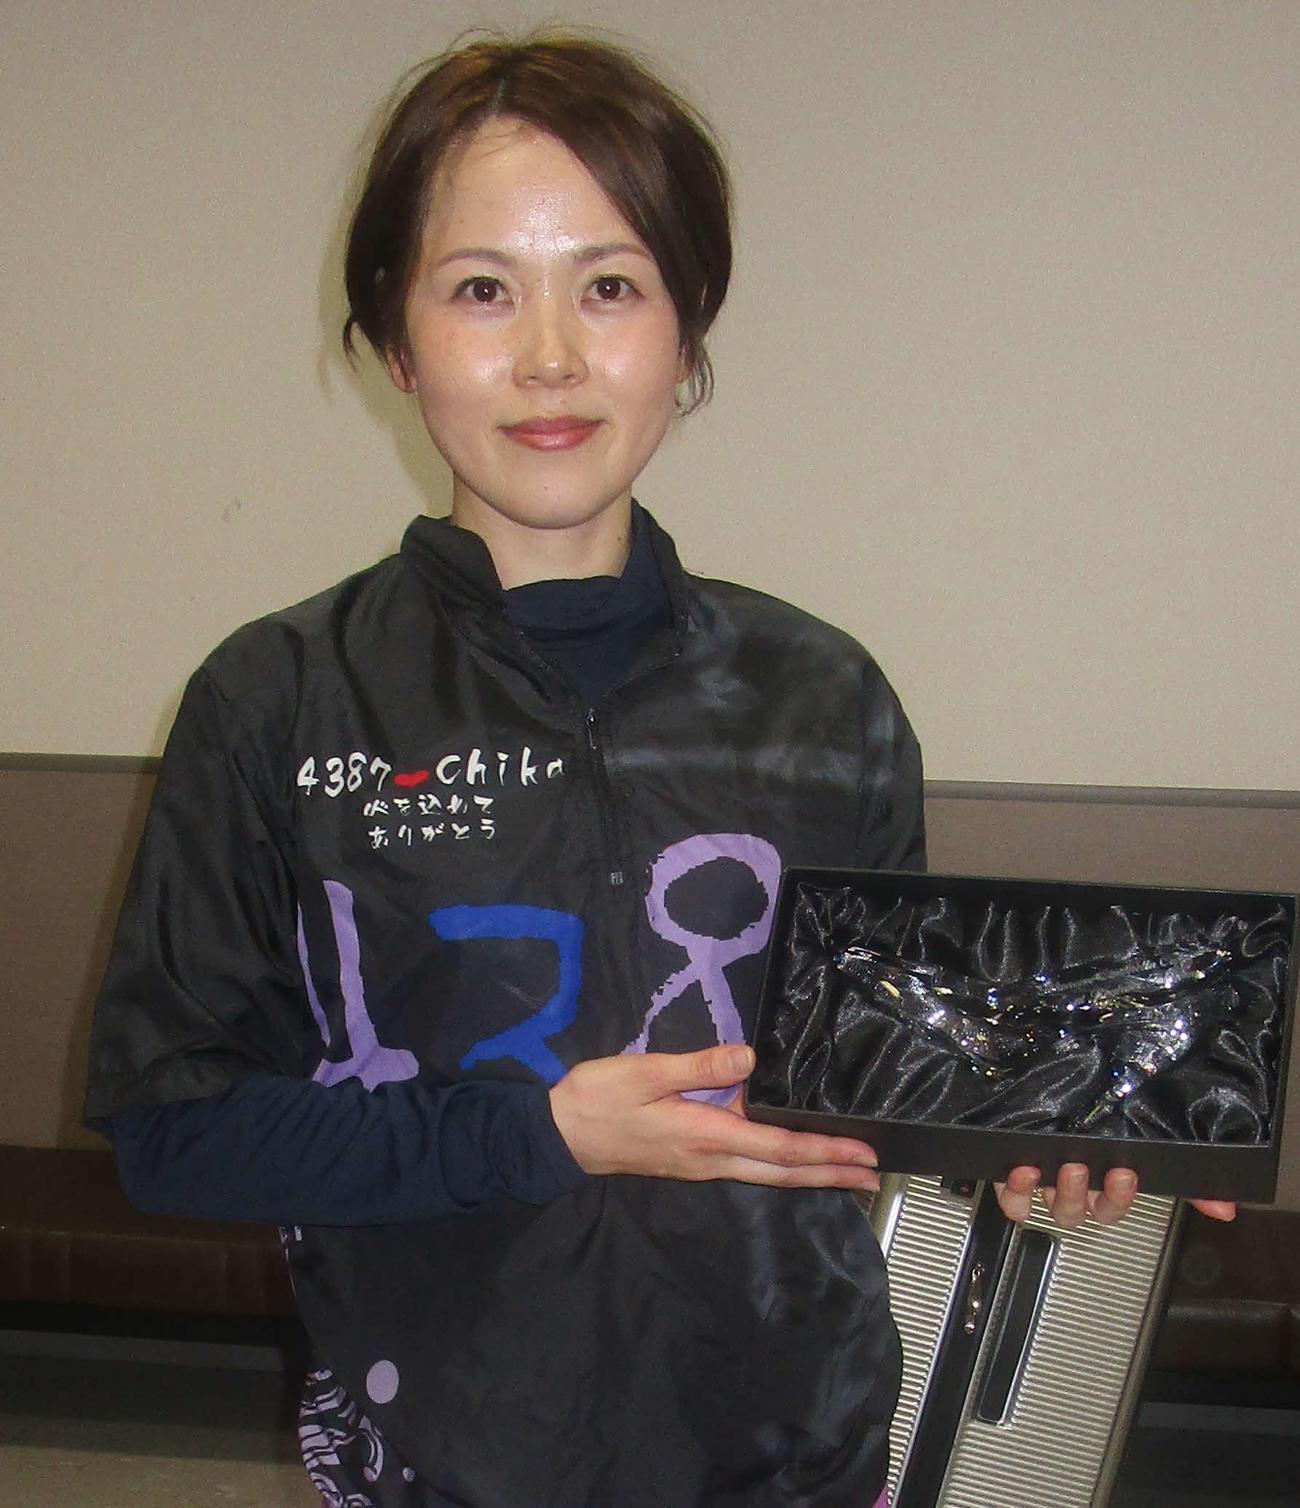 逃げ切って今年2回目の優勝を飾った平山智加(撮影・奈島宏樹)